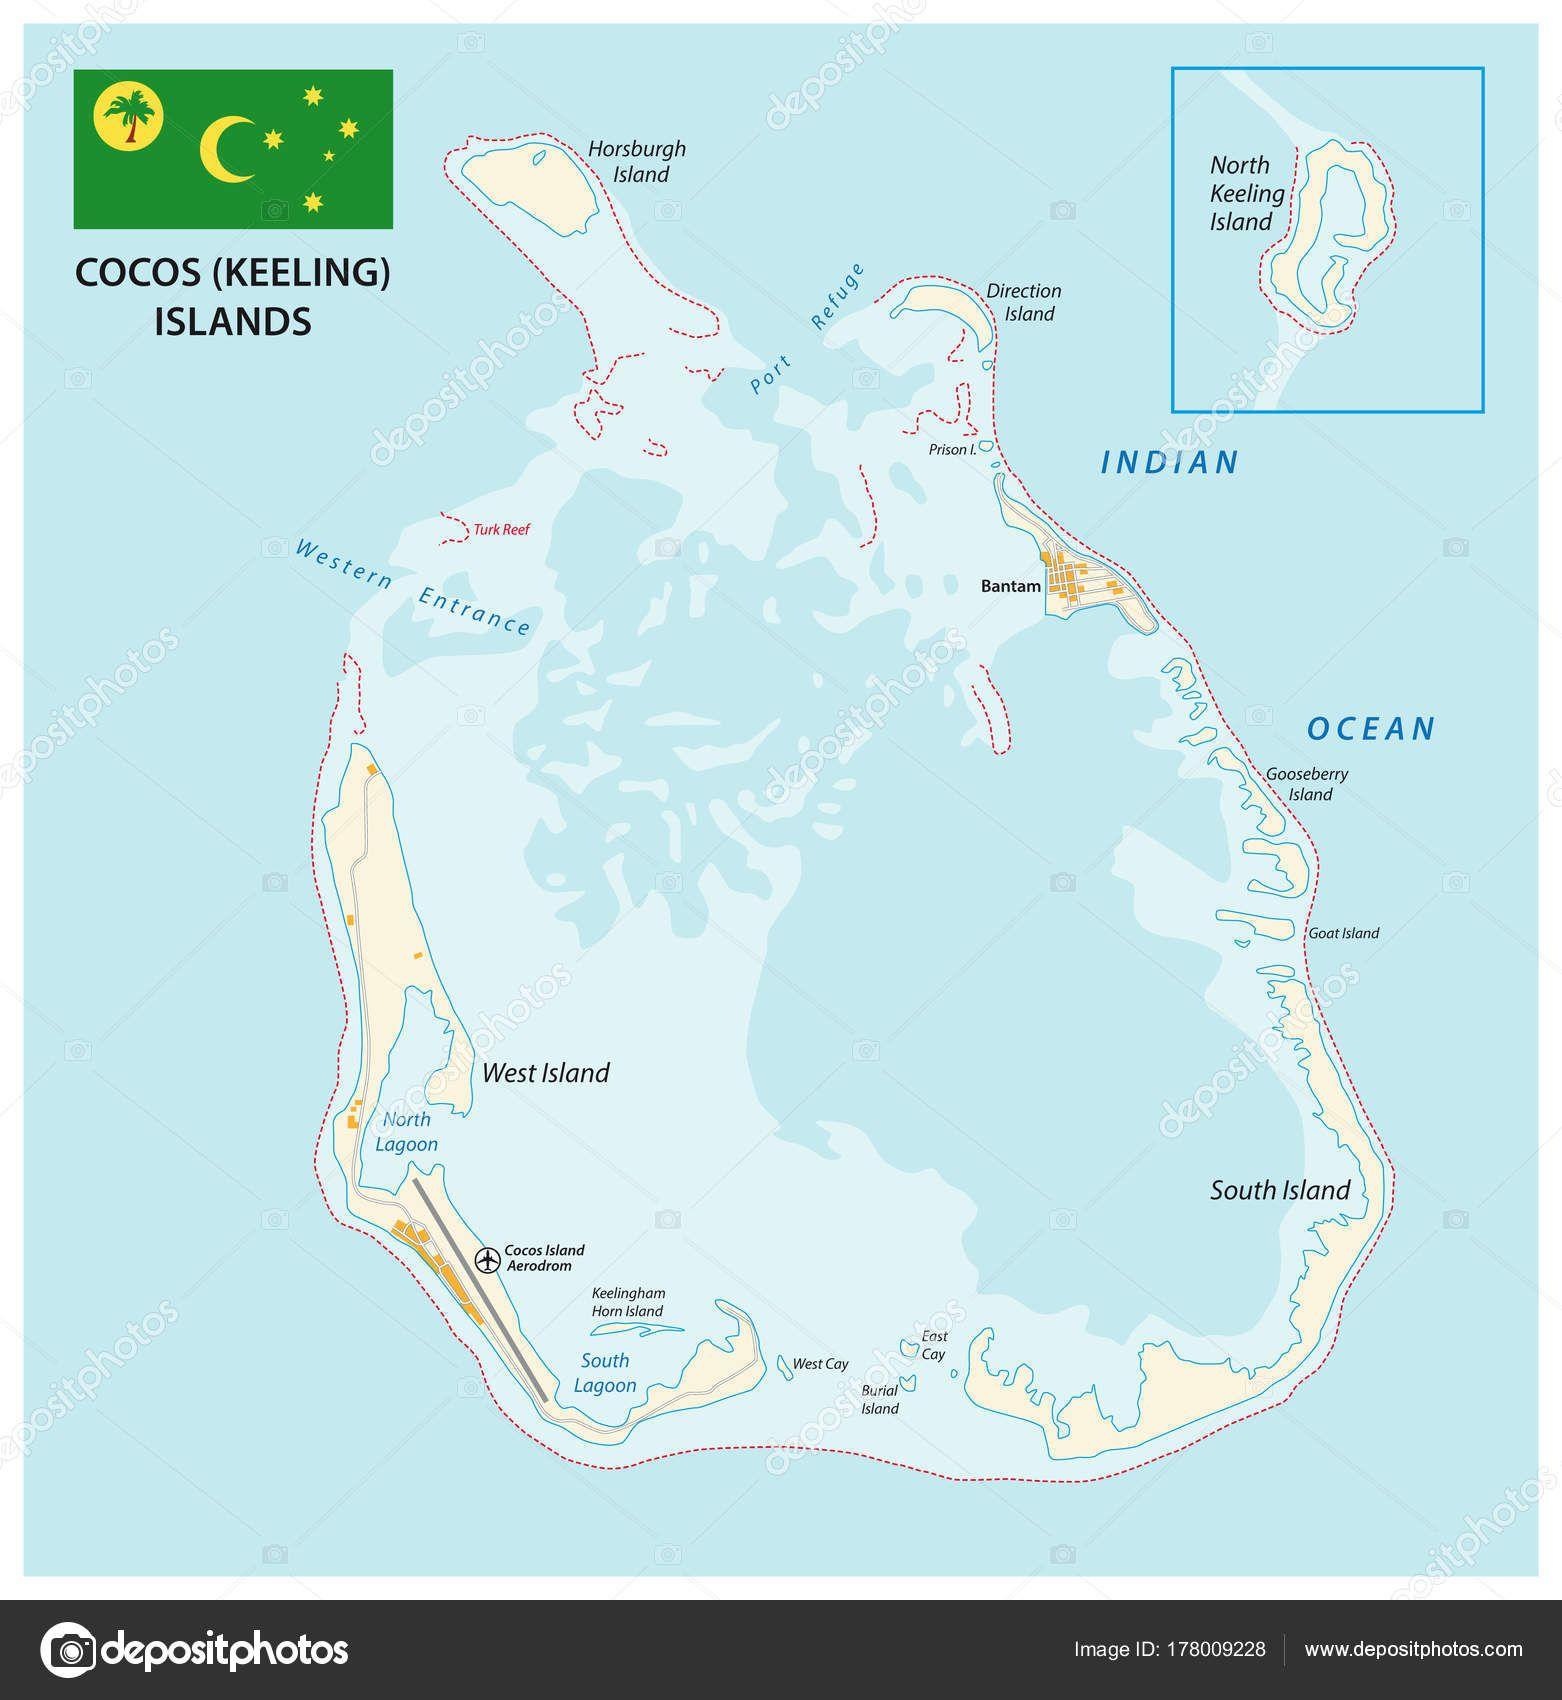 Cocos Keeling Islands Vector Map Flag Cocos Islandscc In 2019